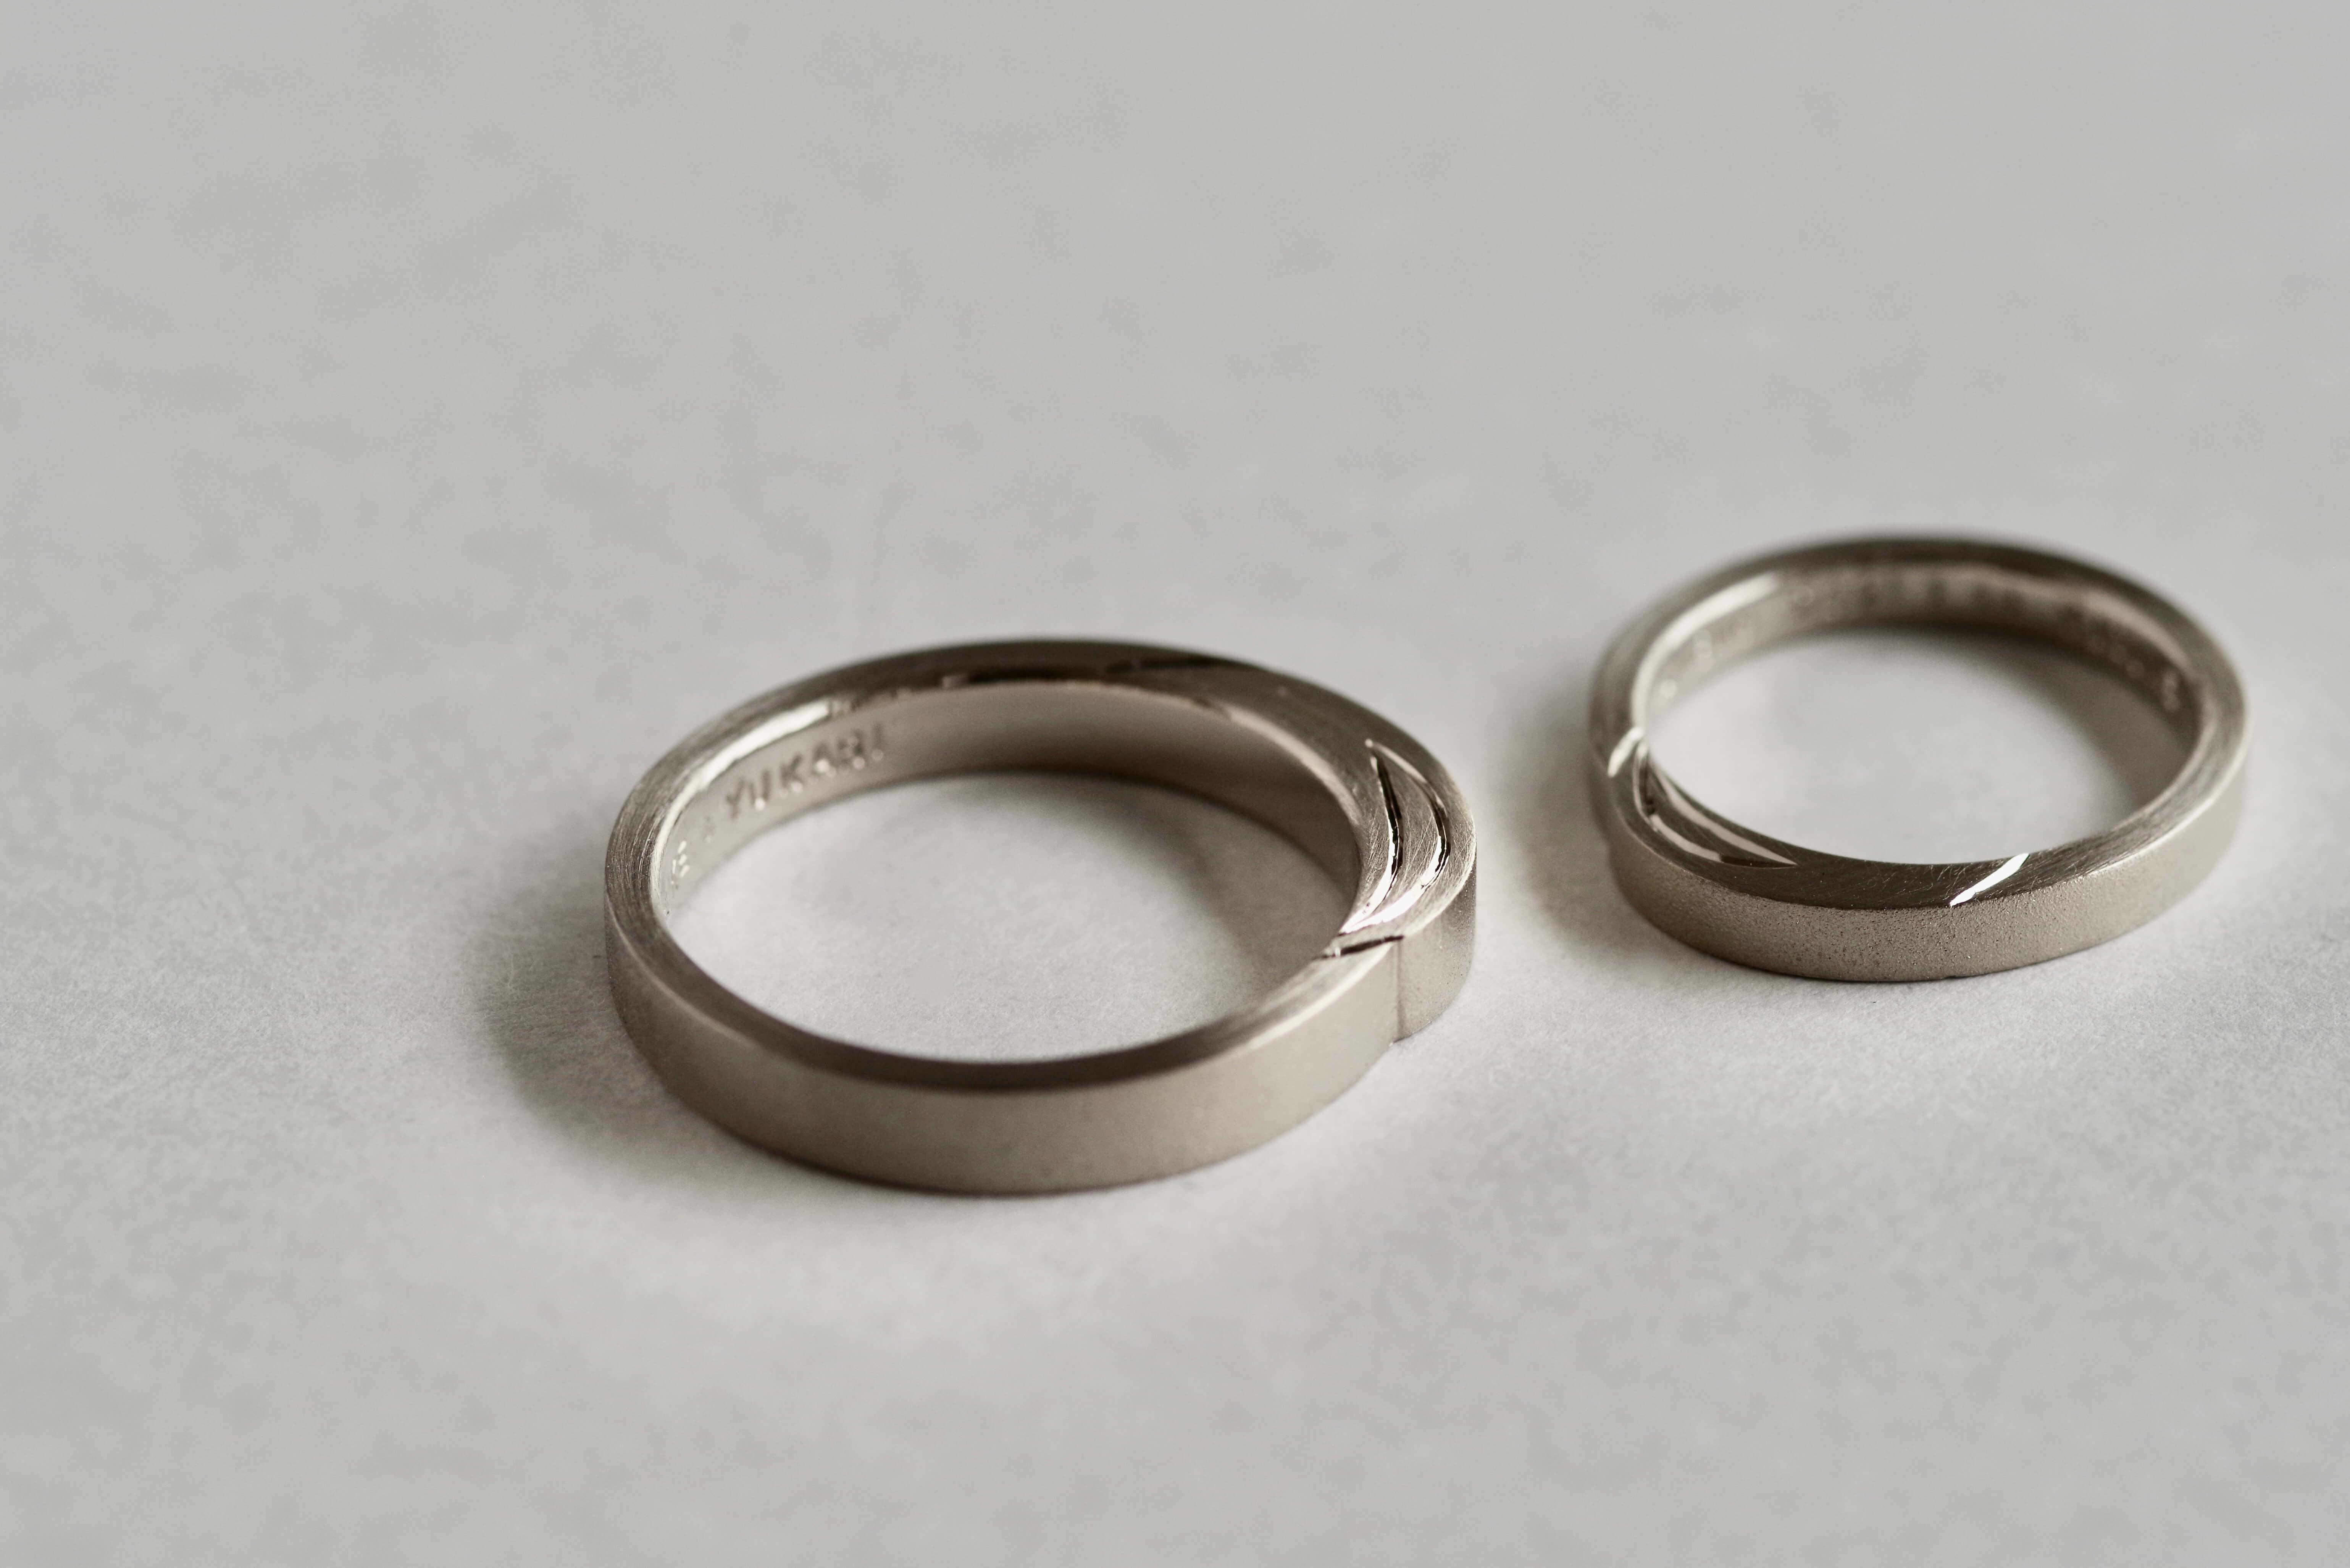 結婚指輪 オーダーメイド キャンドル